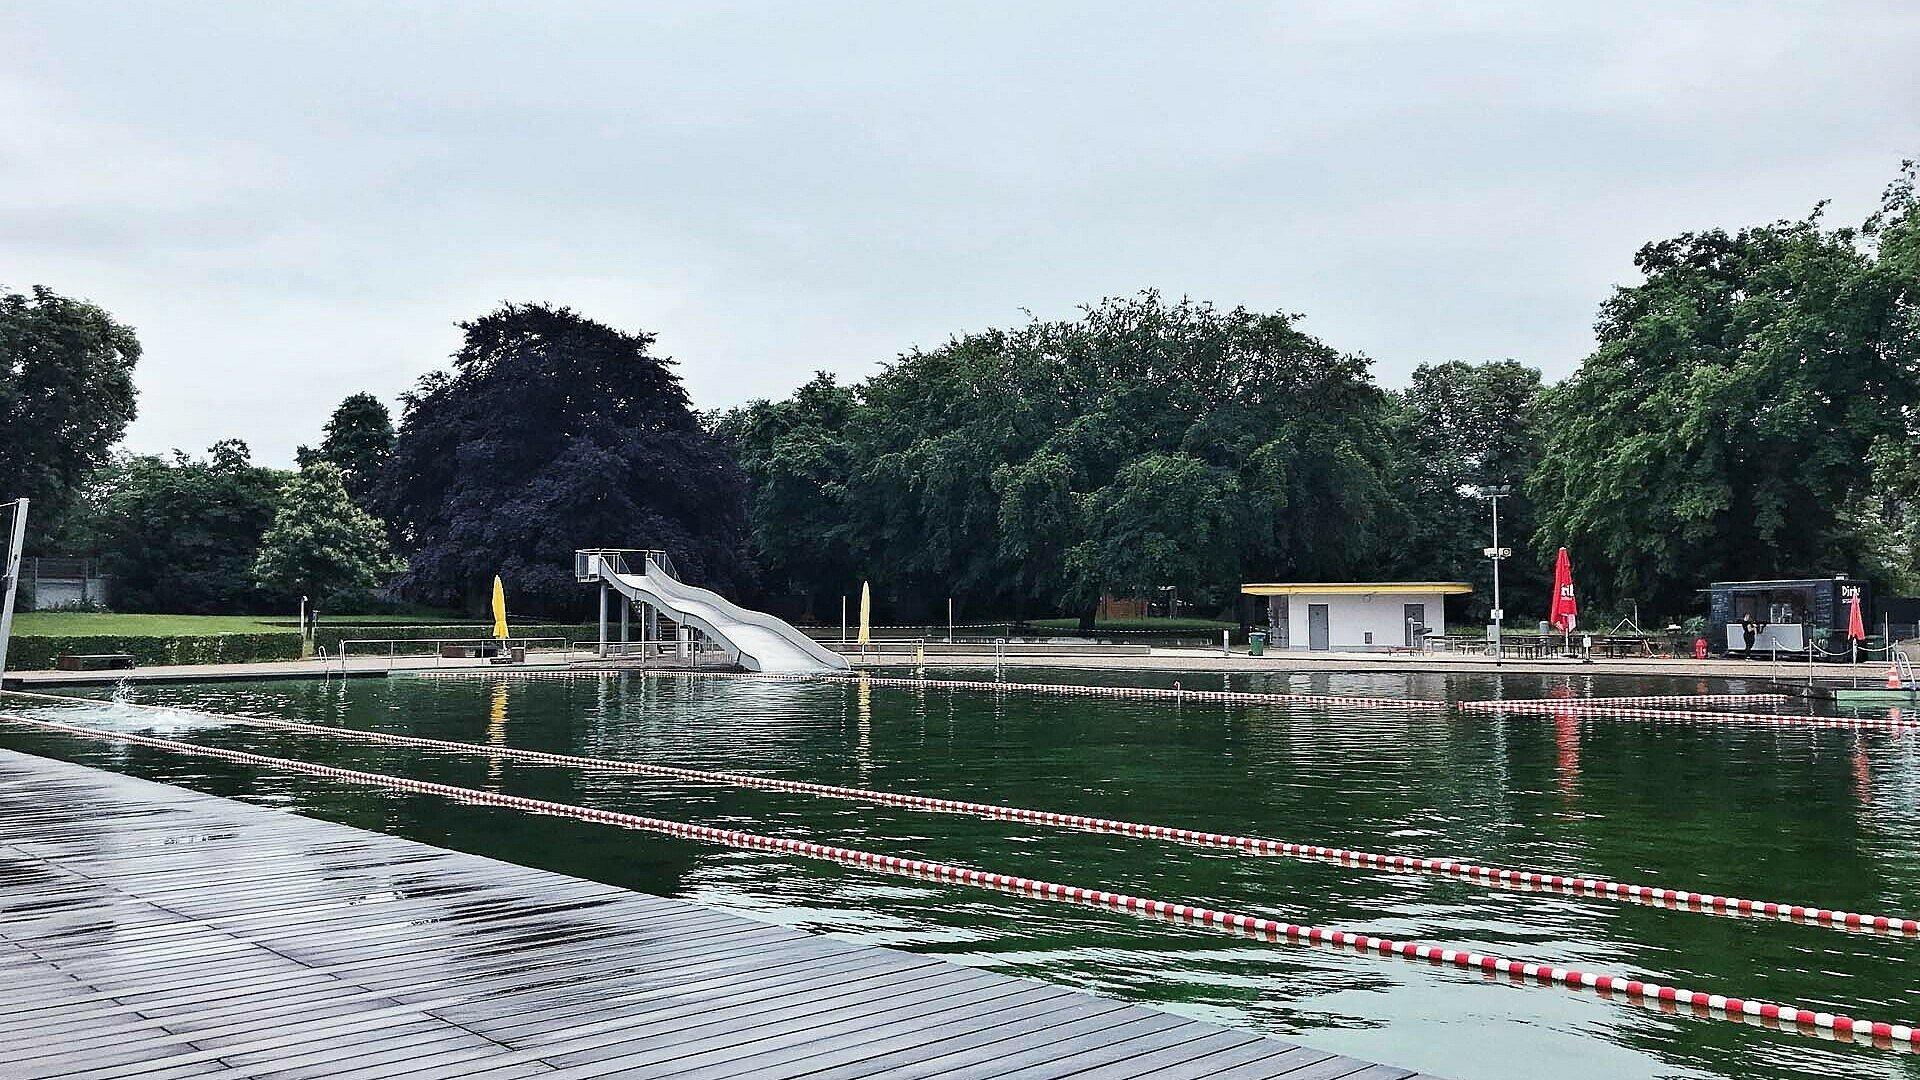 Natürlich sauberes Wasser im Naturfreibad Lentpark